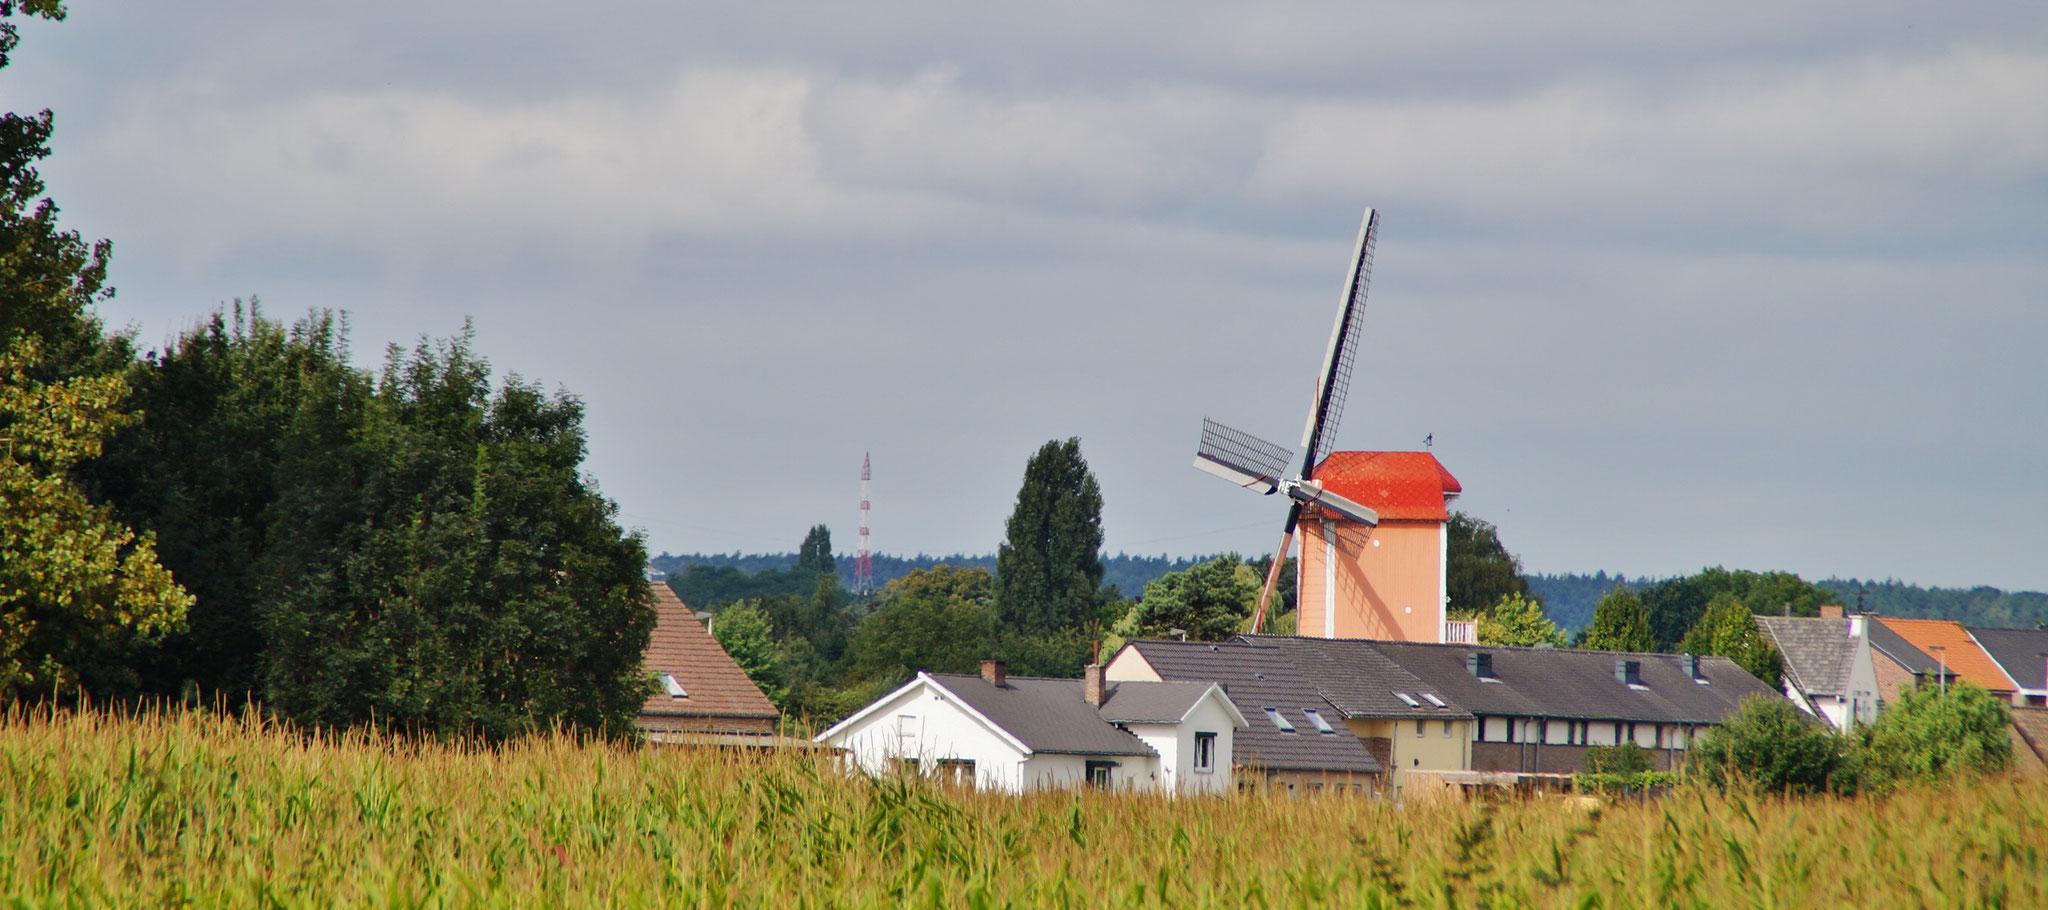 Windmühle bei Leut